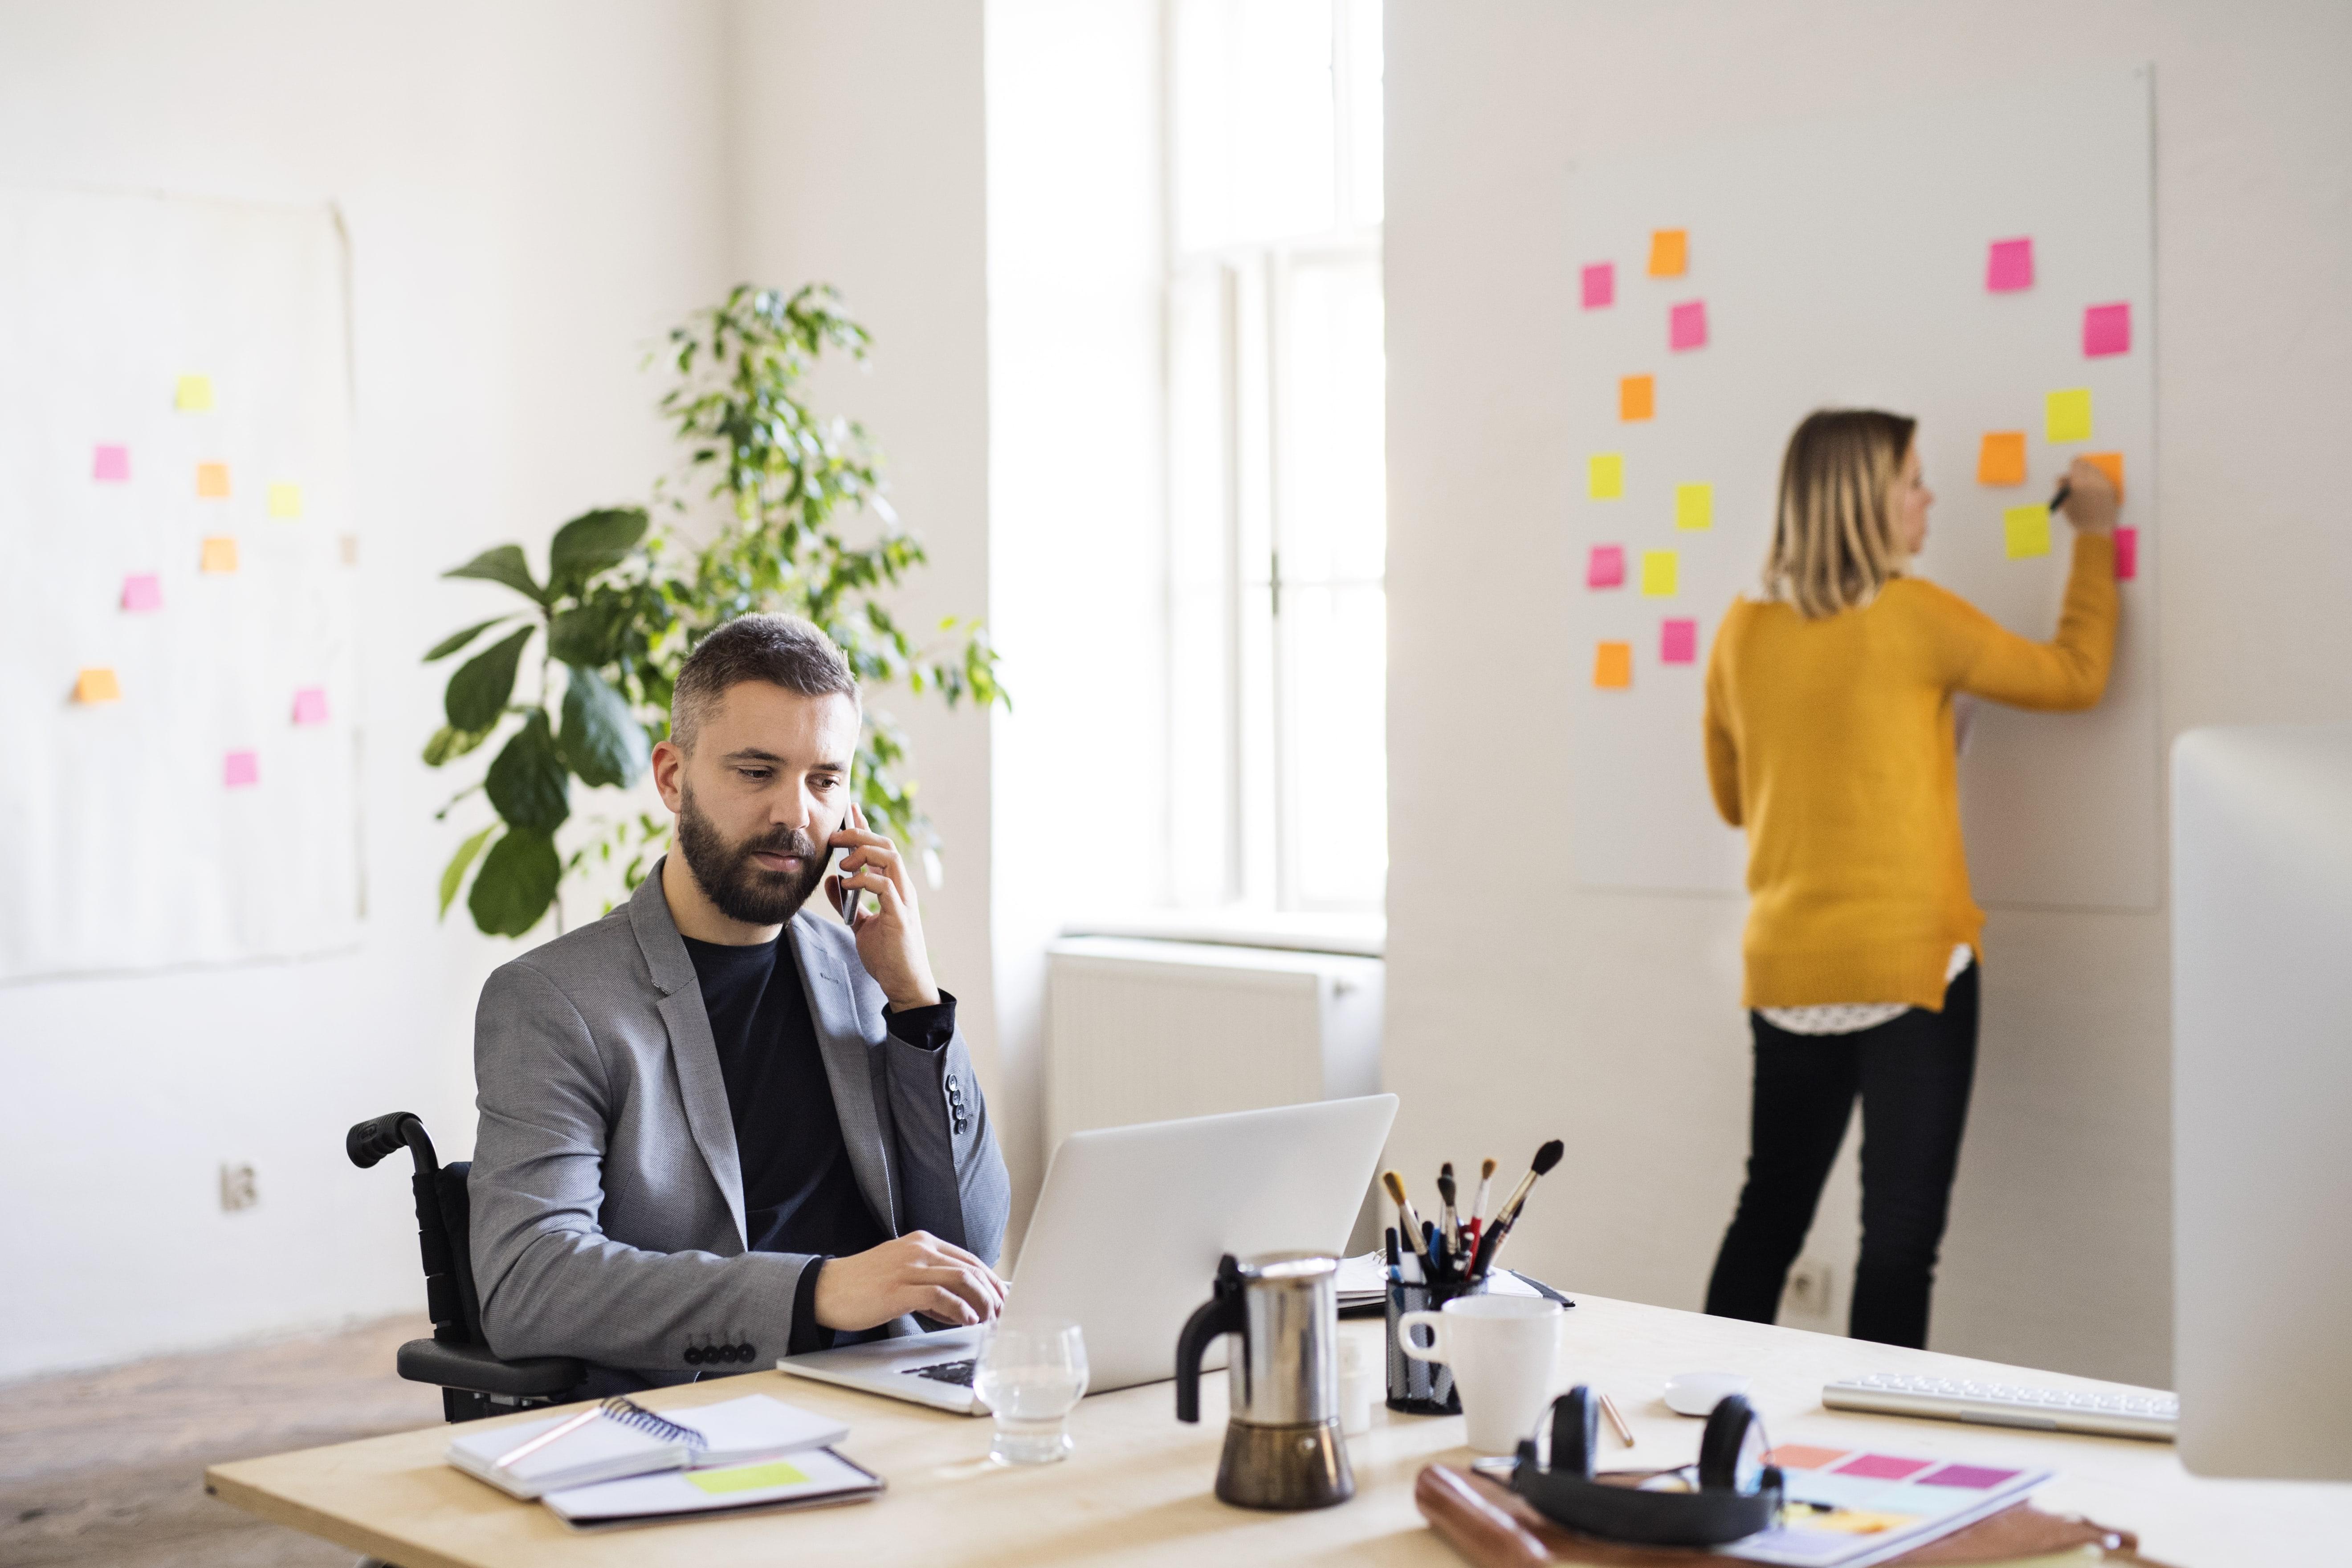 Empresas Holding Como Parte Do Planejamento Tributário E Sucessório